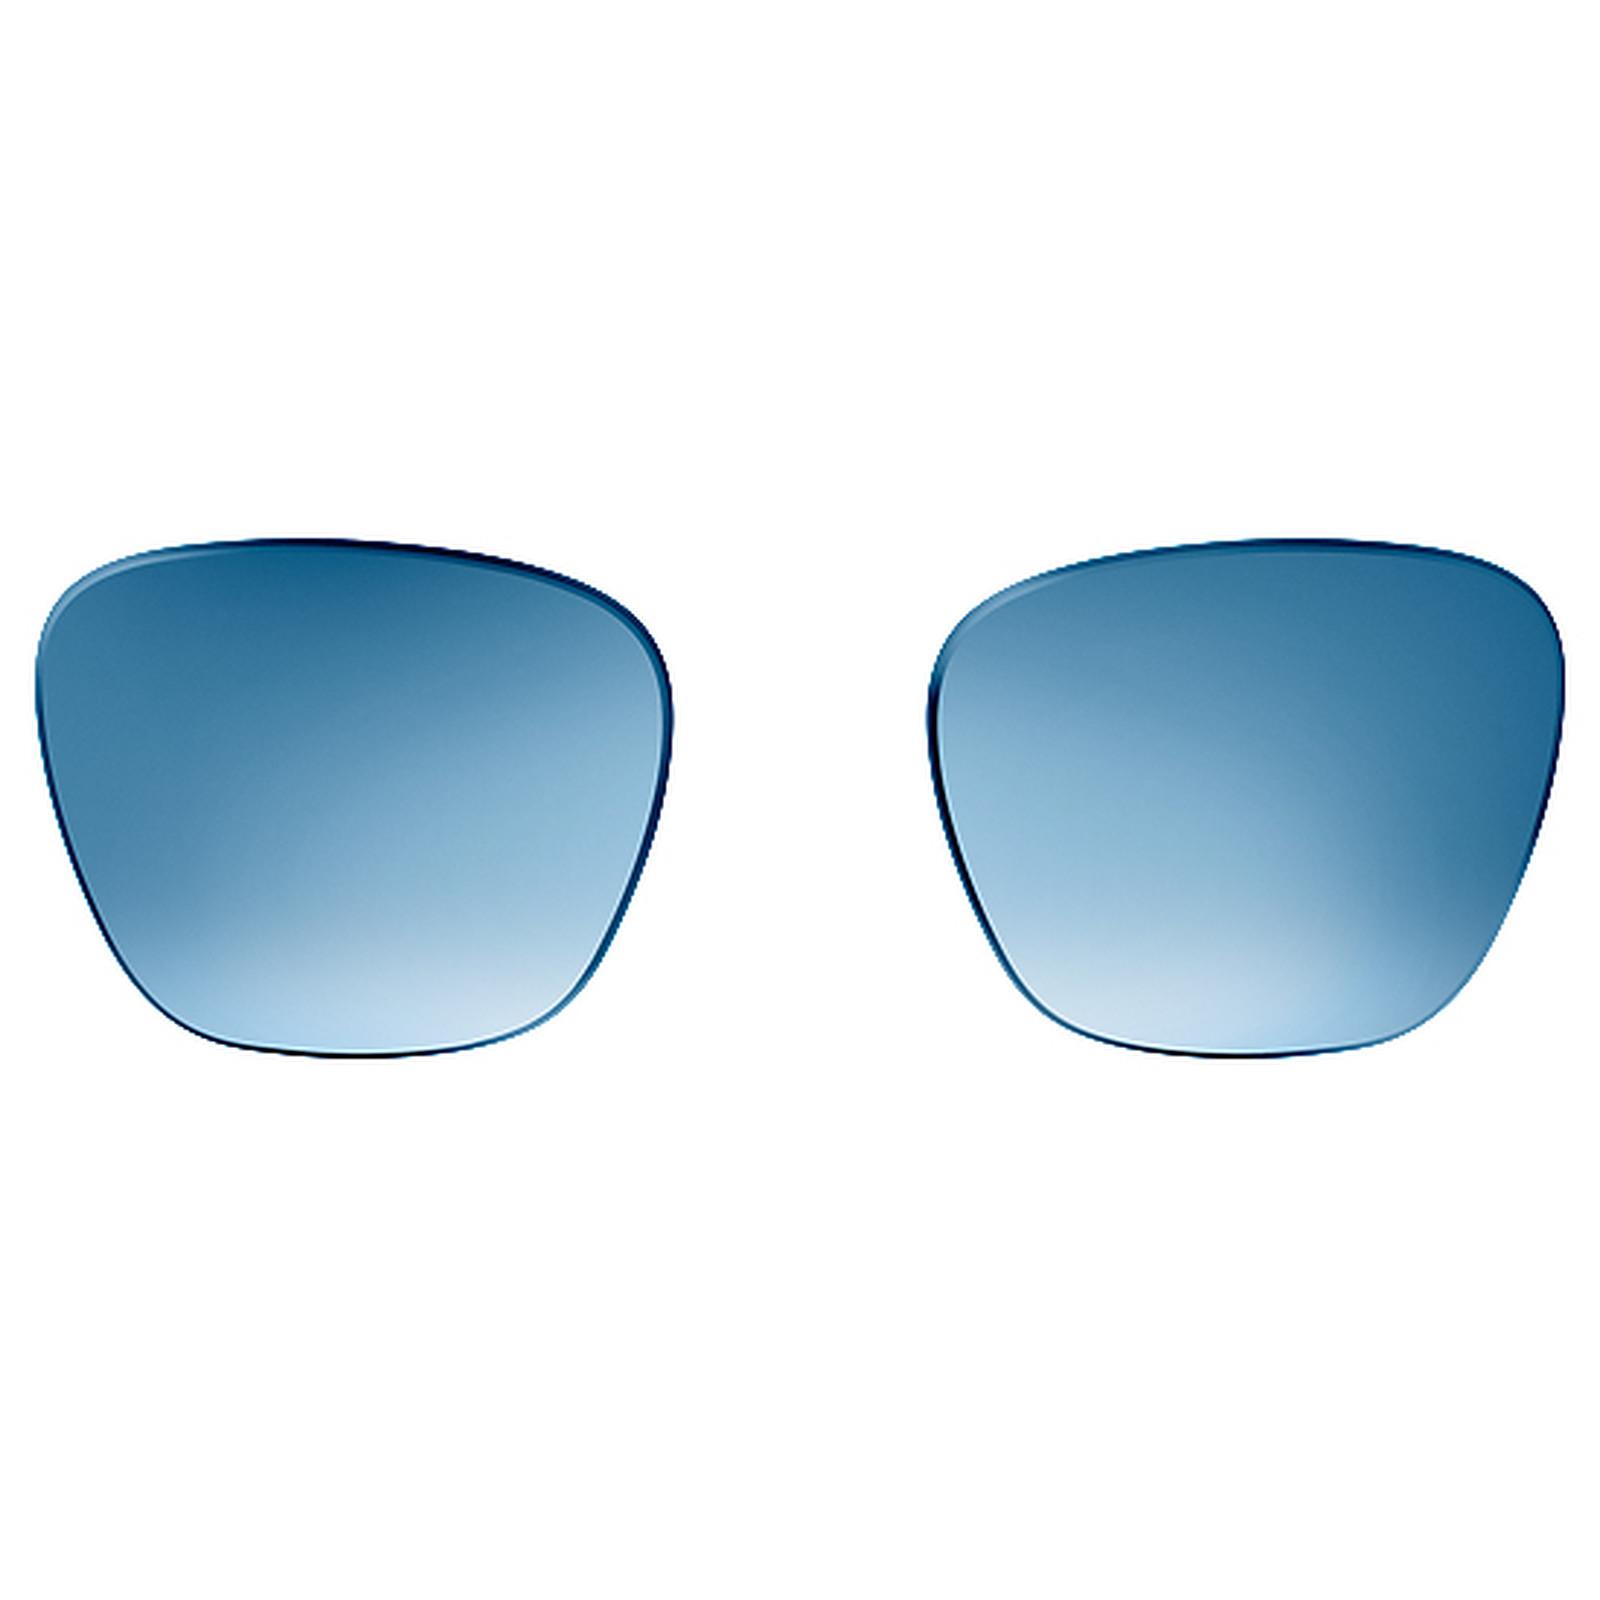 Bose Lenses Alto S/M Bleu Dégradé